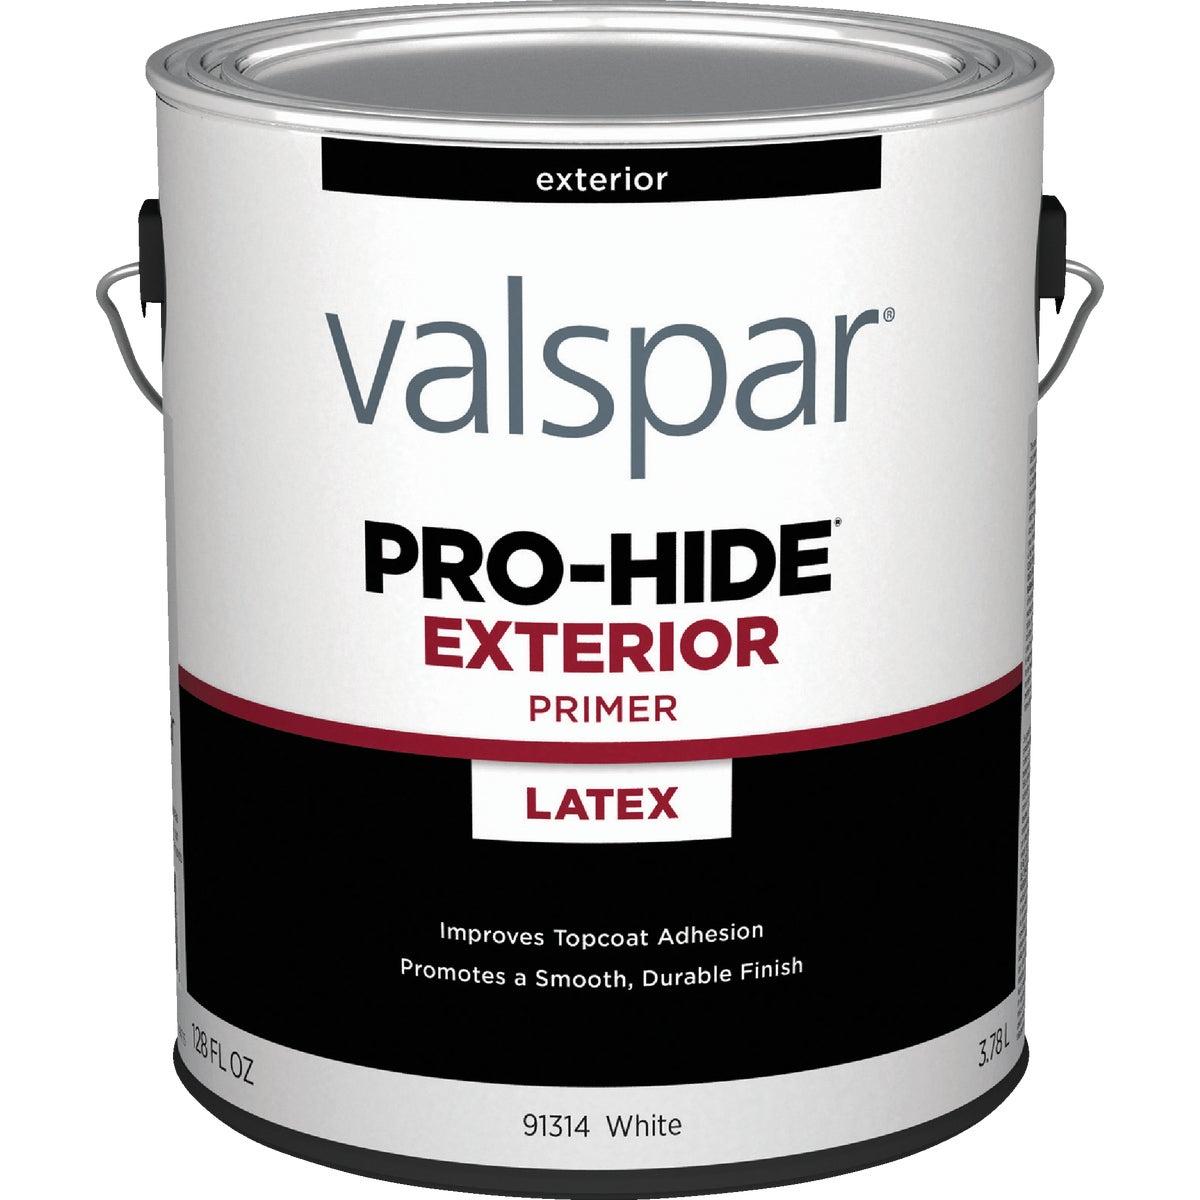 EXTERIOR LATEX PRIMER